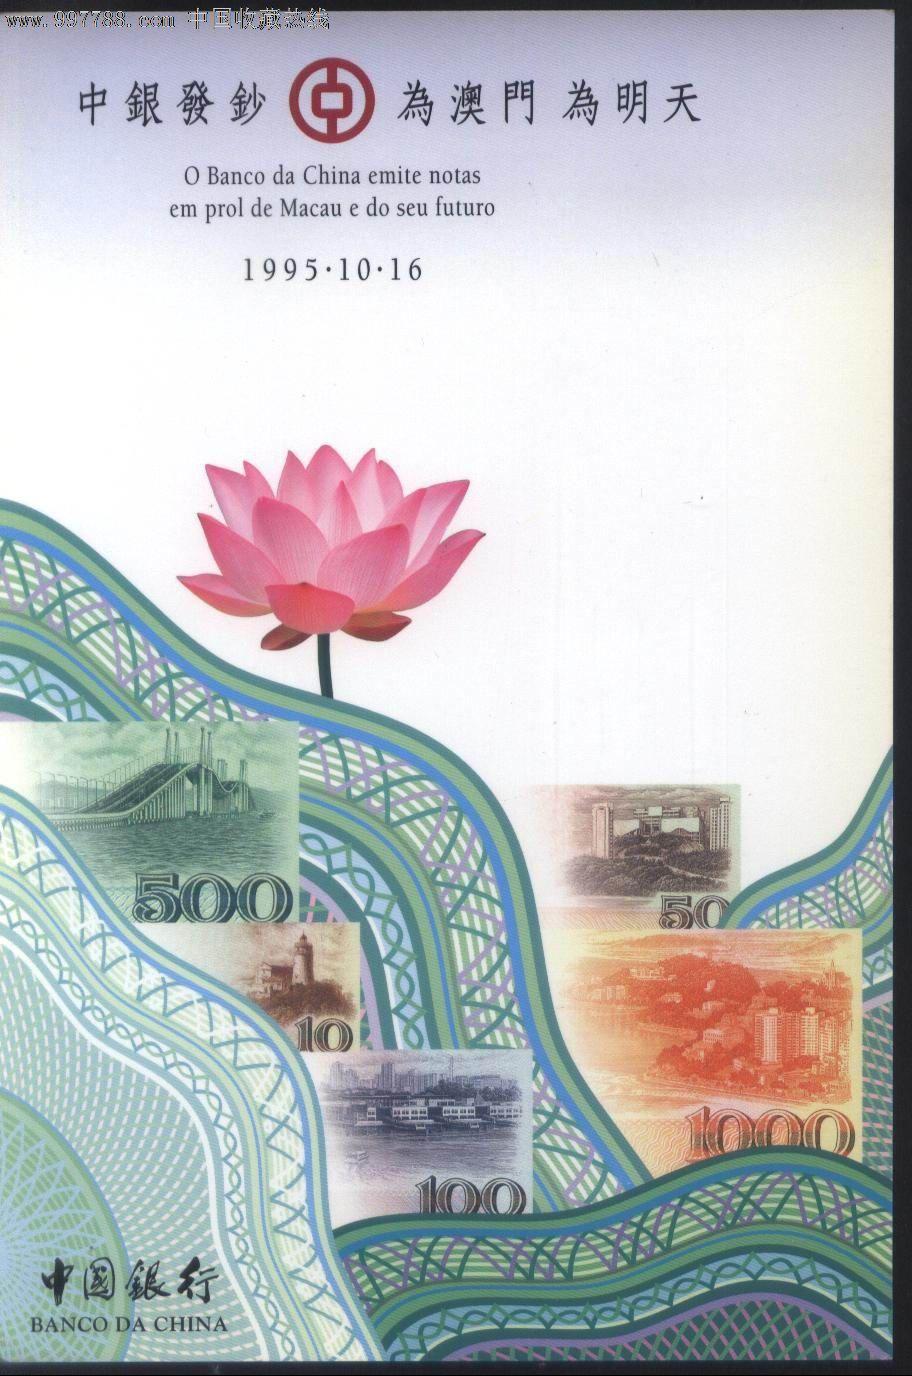 大幅1996年历卡・中国银行澳门分行正面印纪念中银1995年发行澳门钞票